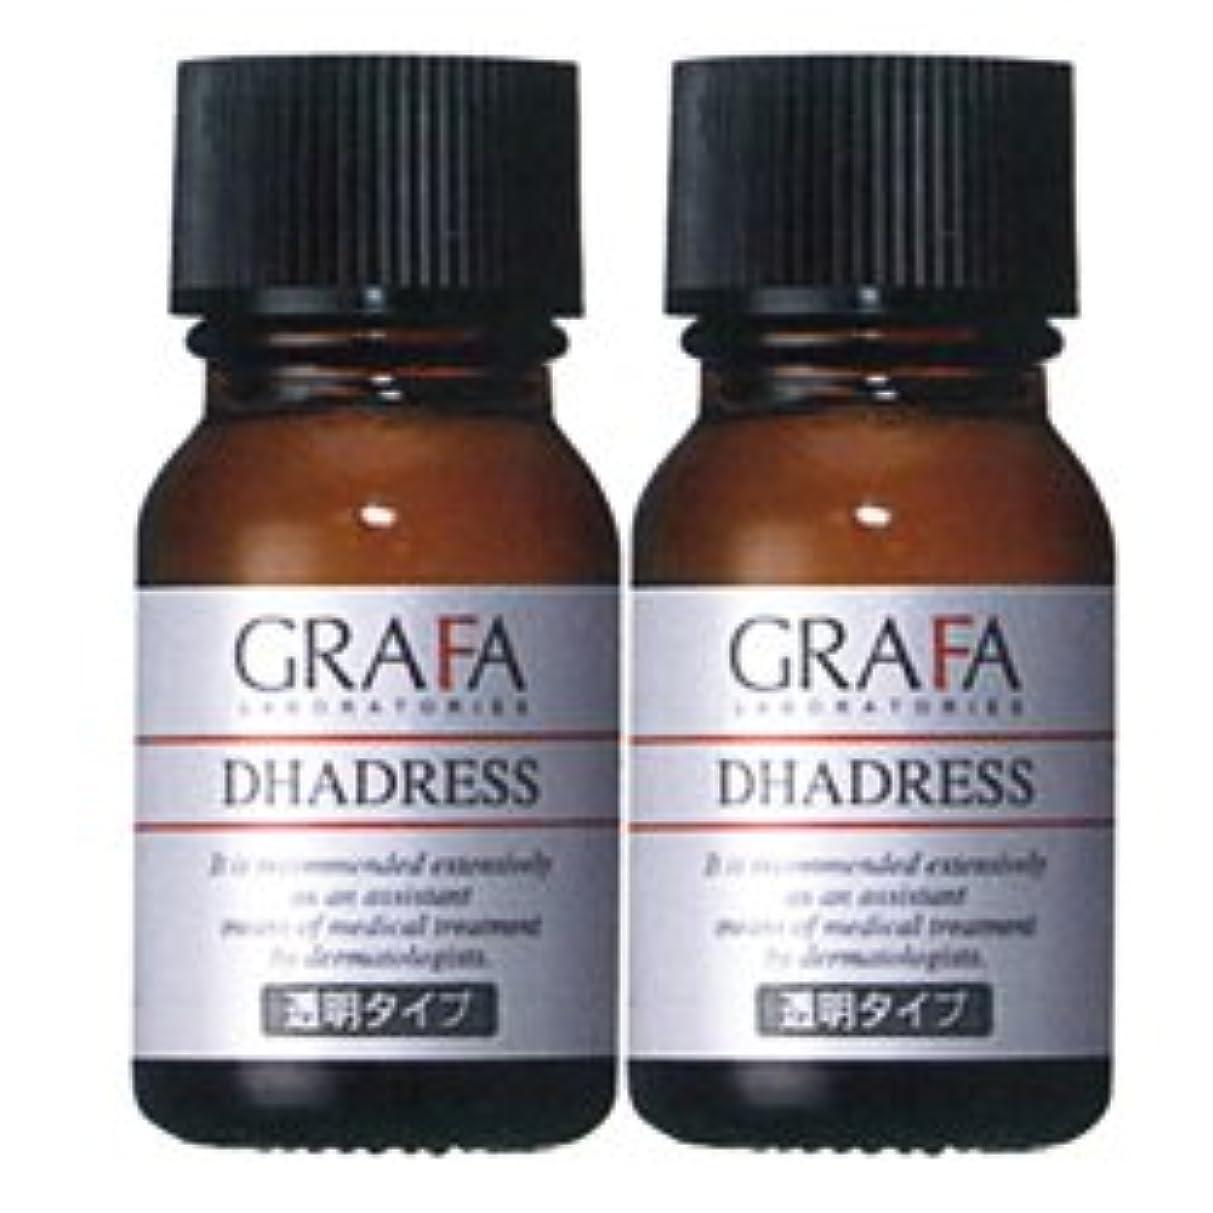 フォーマット今後以降グラファ ダドレス (透明タイプ) 11mL 着色用化粧水 GRAFA DHADRESS